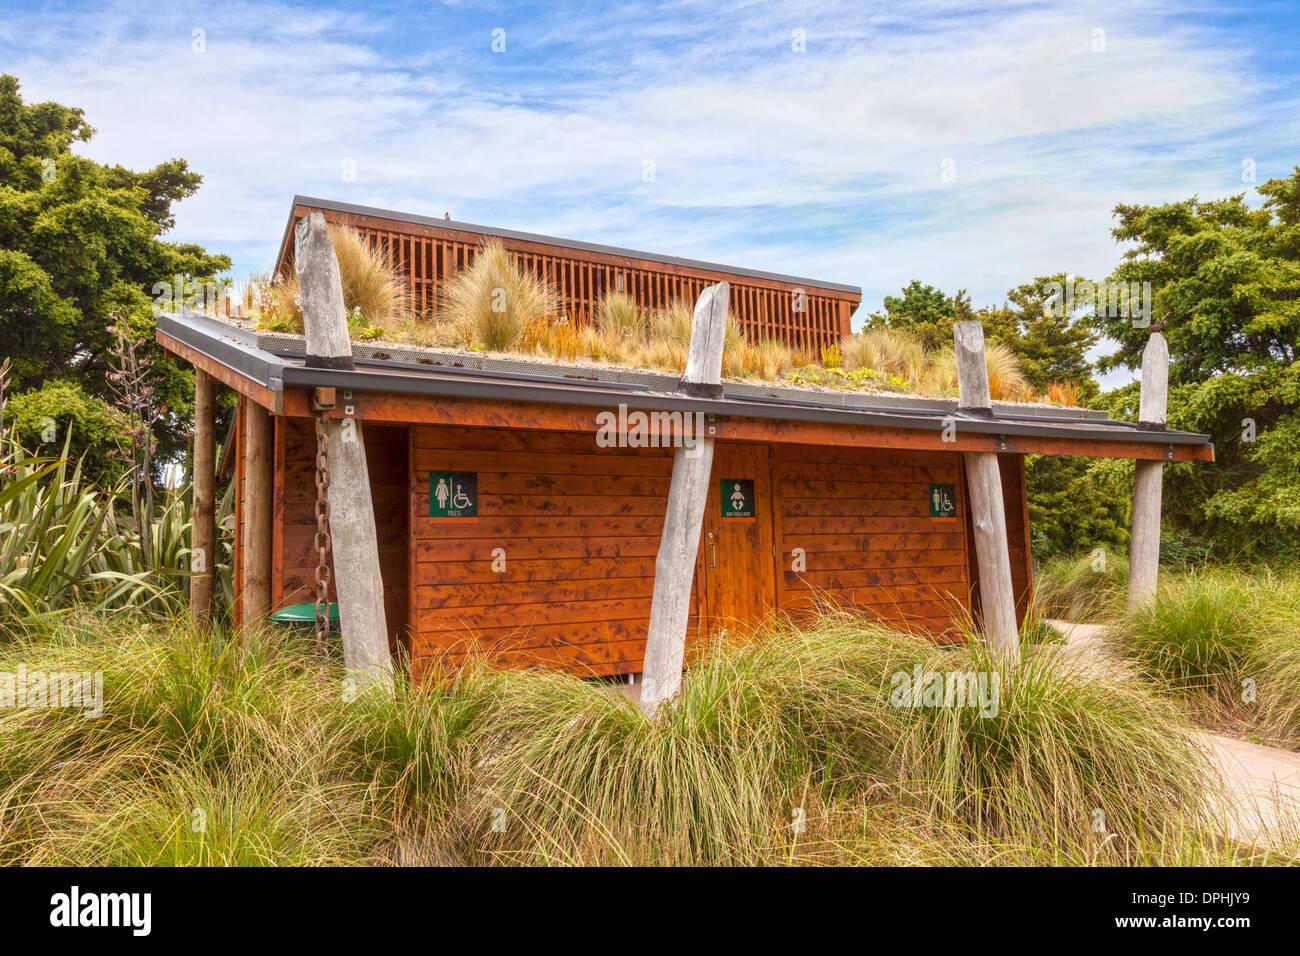 Sanitärgebäude mit lebenden Dach, Auckland Botanic Gardens. Das Leben-Dach nimmt Regenwasser, jeden... Stockbild